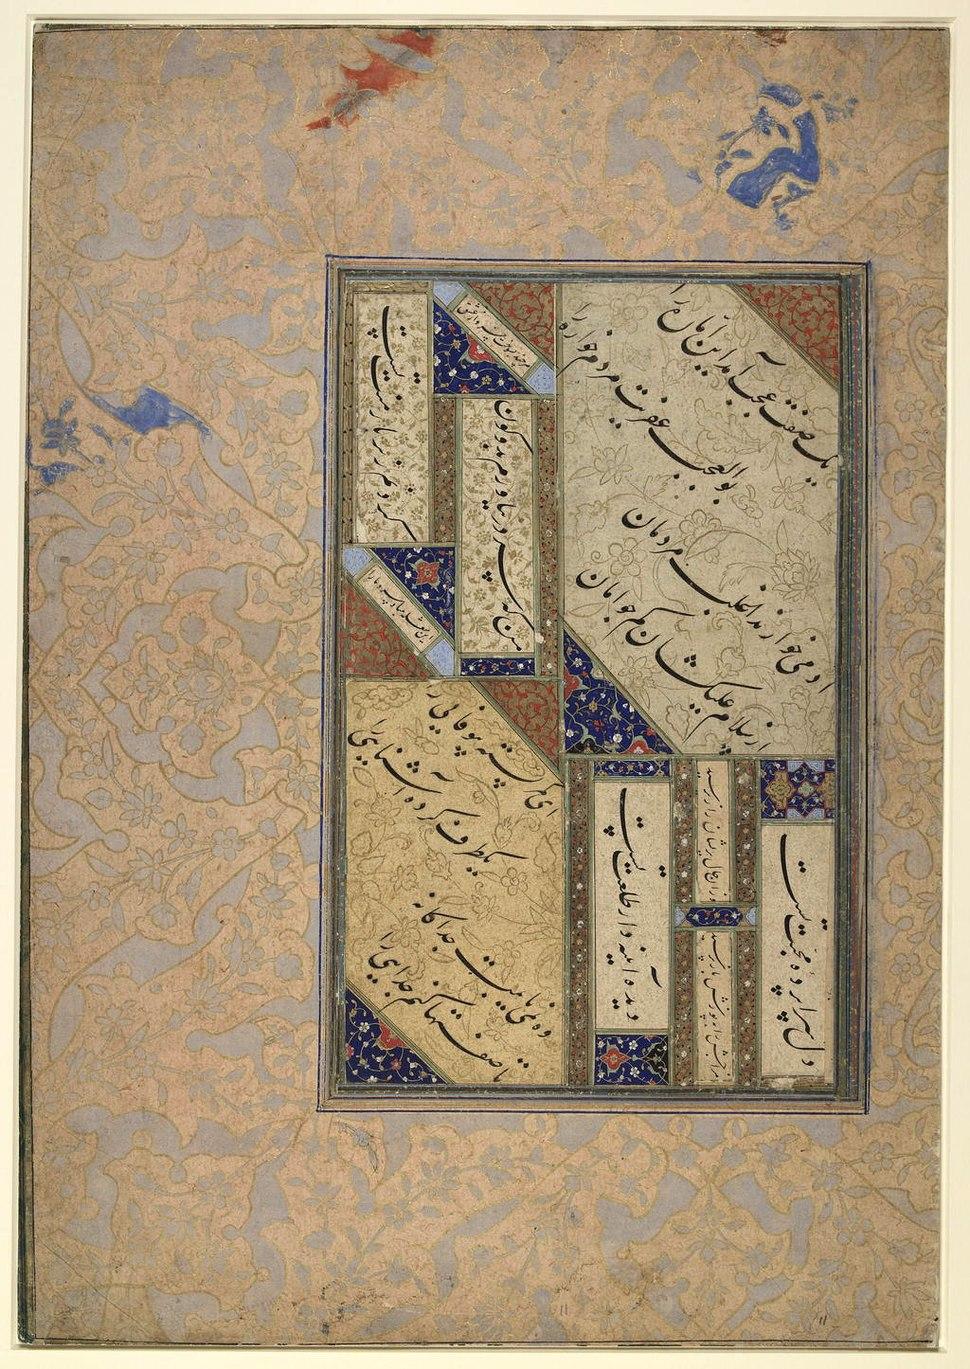 Ruba%27is by Hafiz - Nasta%27liq script